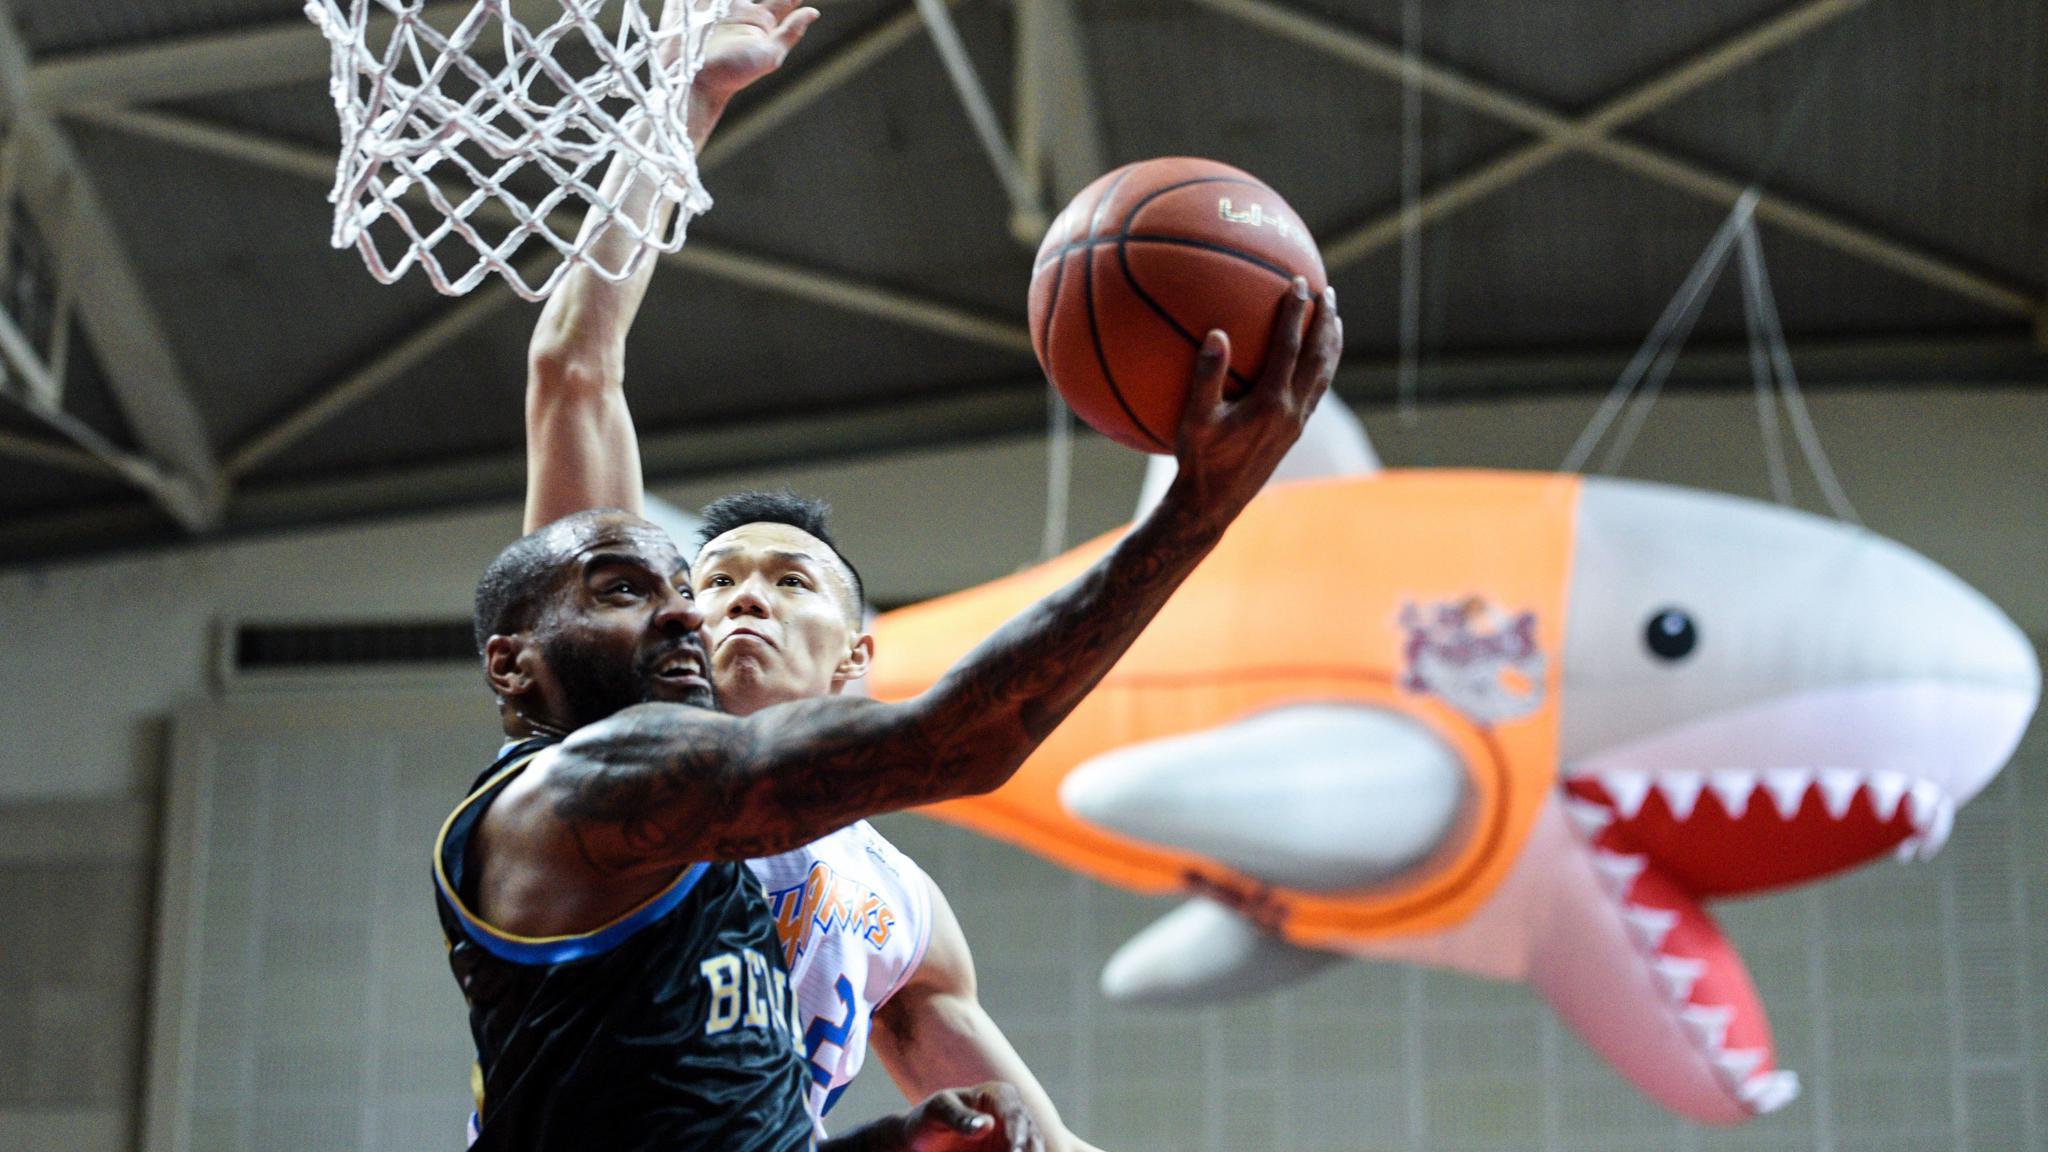 团队篮球碰撞,明星球成京深胜负手